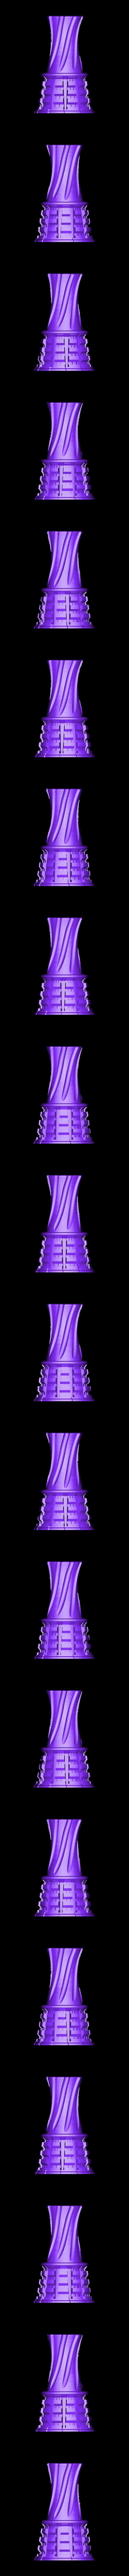 Red Vaze_SW_Ver.STL Download STL file Decorative Urban Vaze • Model to 3D print, Zuk